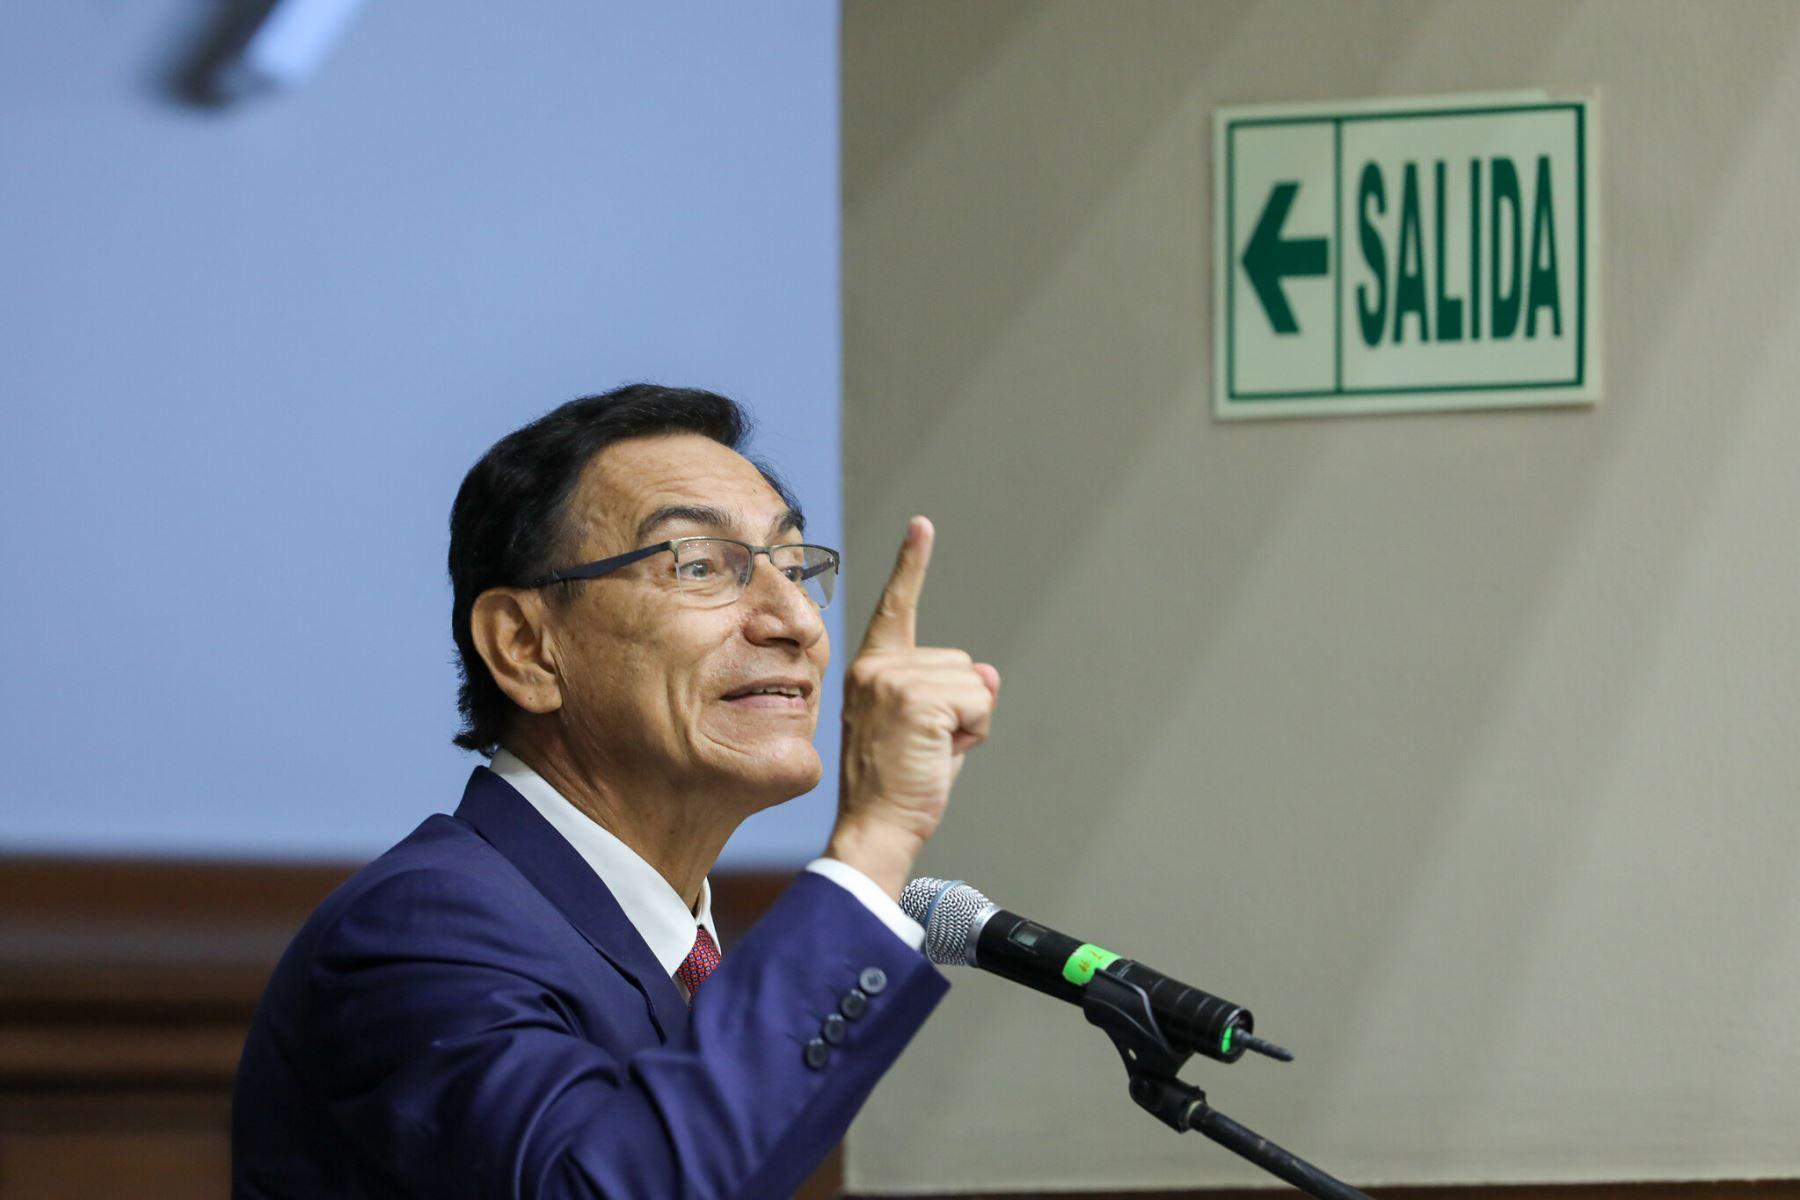 Expresidente Martín Vizcarra. ANDINA/Difusión